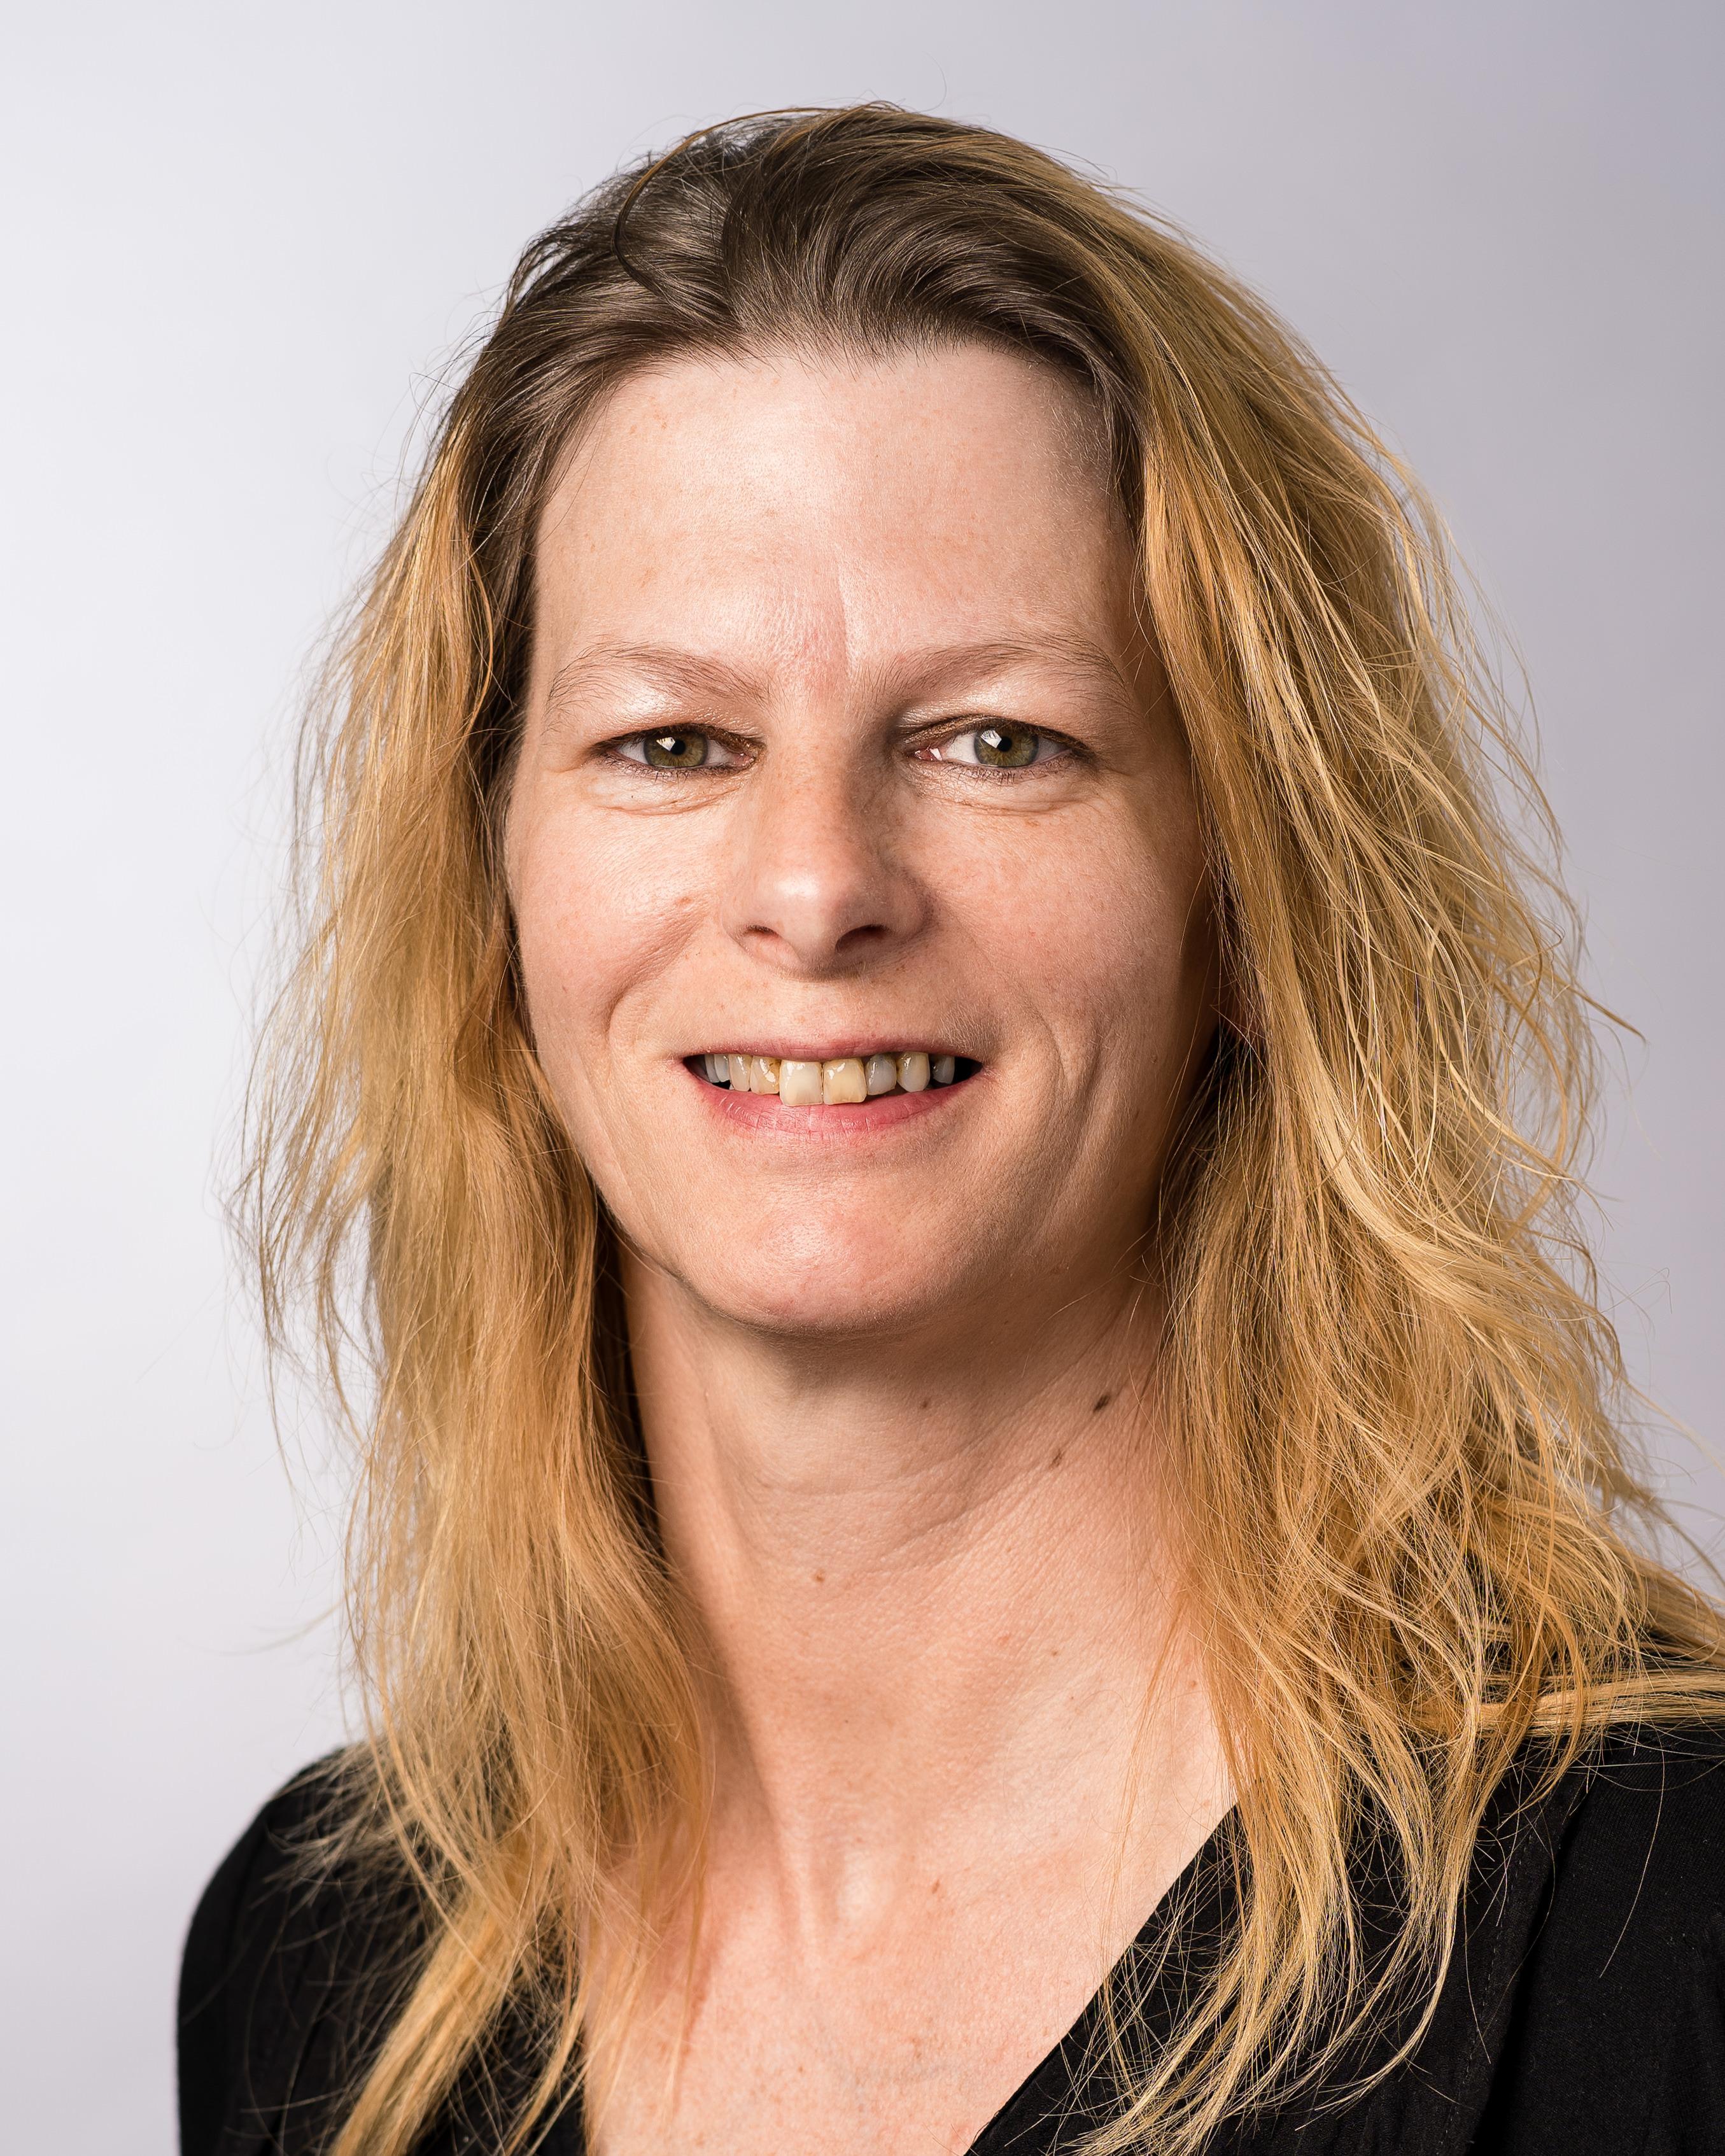 Sheila Klossner